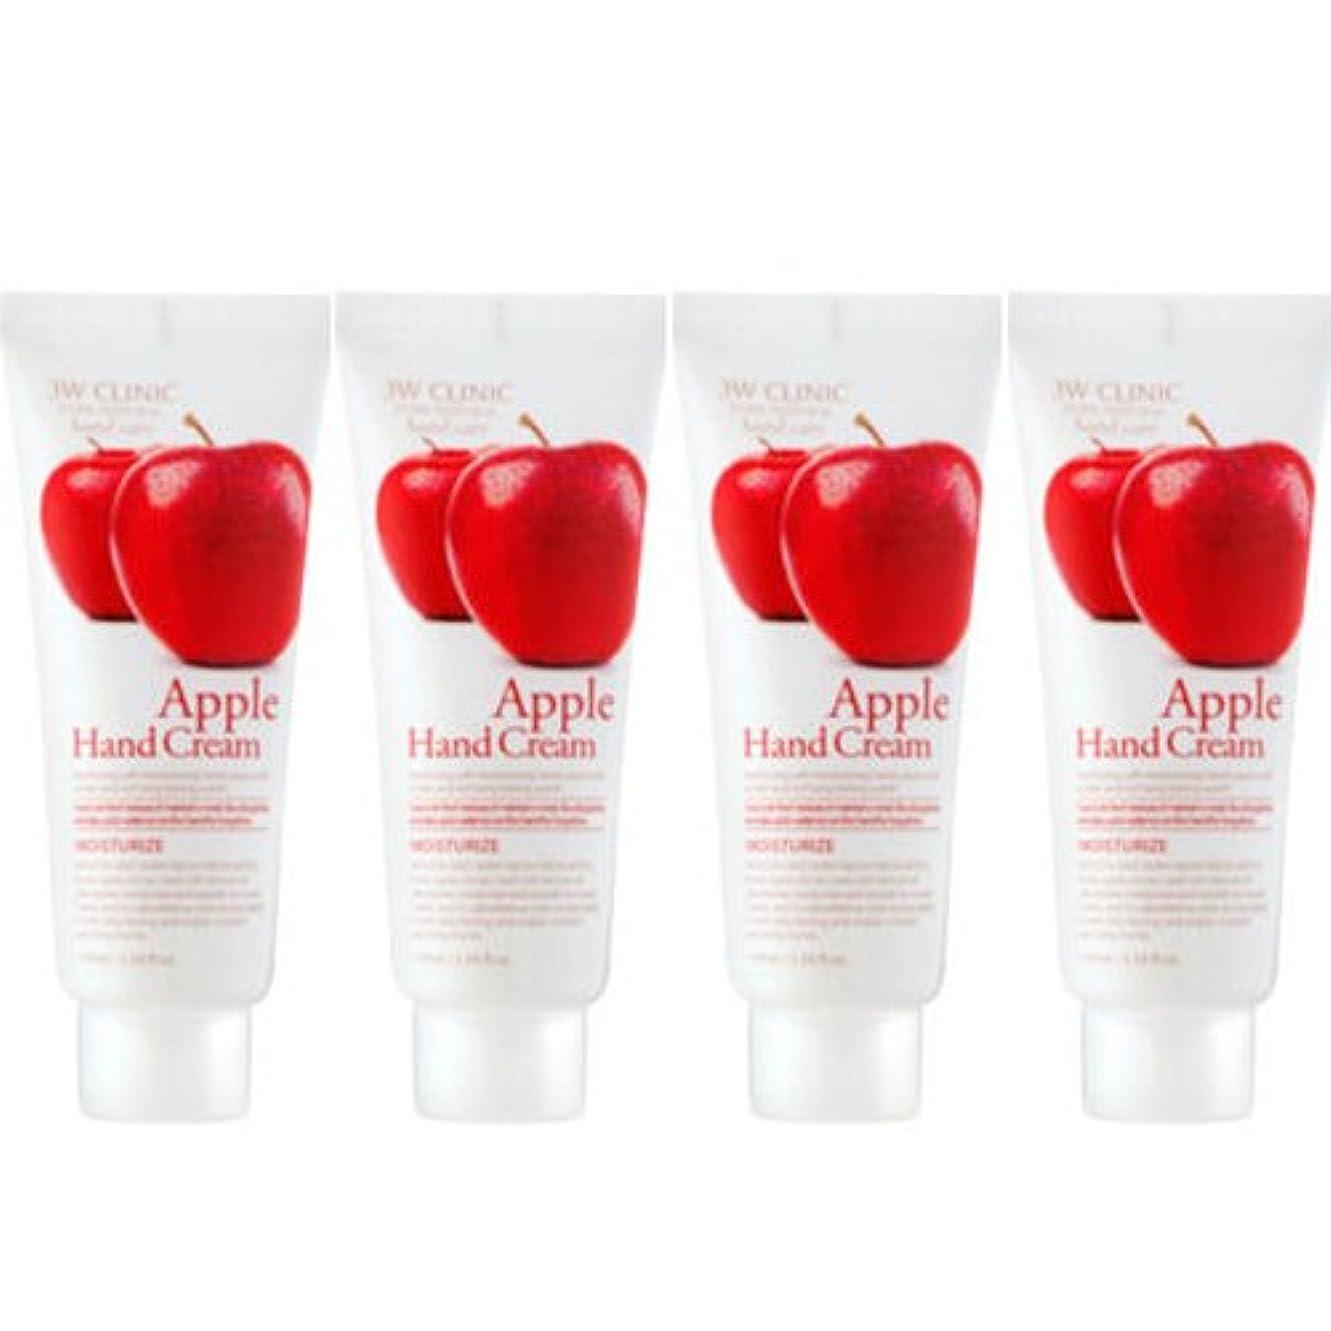 トランザクション悲鳴火薬3w Clinic[韓国コスメARRAHAN]Moisturizing Apple Hand Cream モイスチャーリングリンゴハンドクリーム100mlX4個 [並行輸入品]